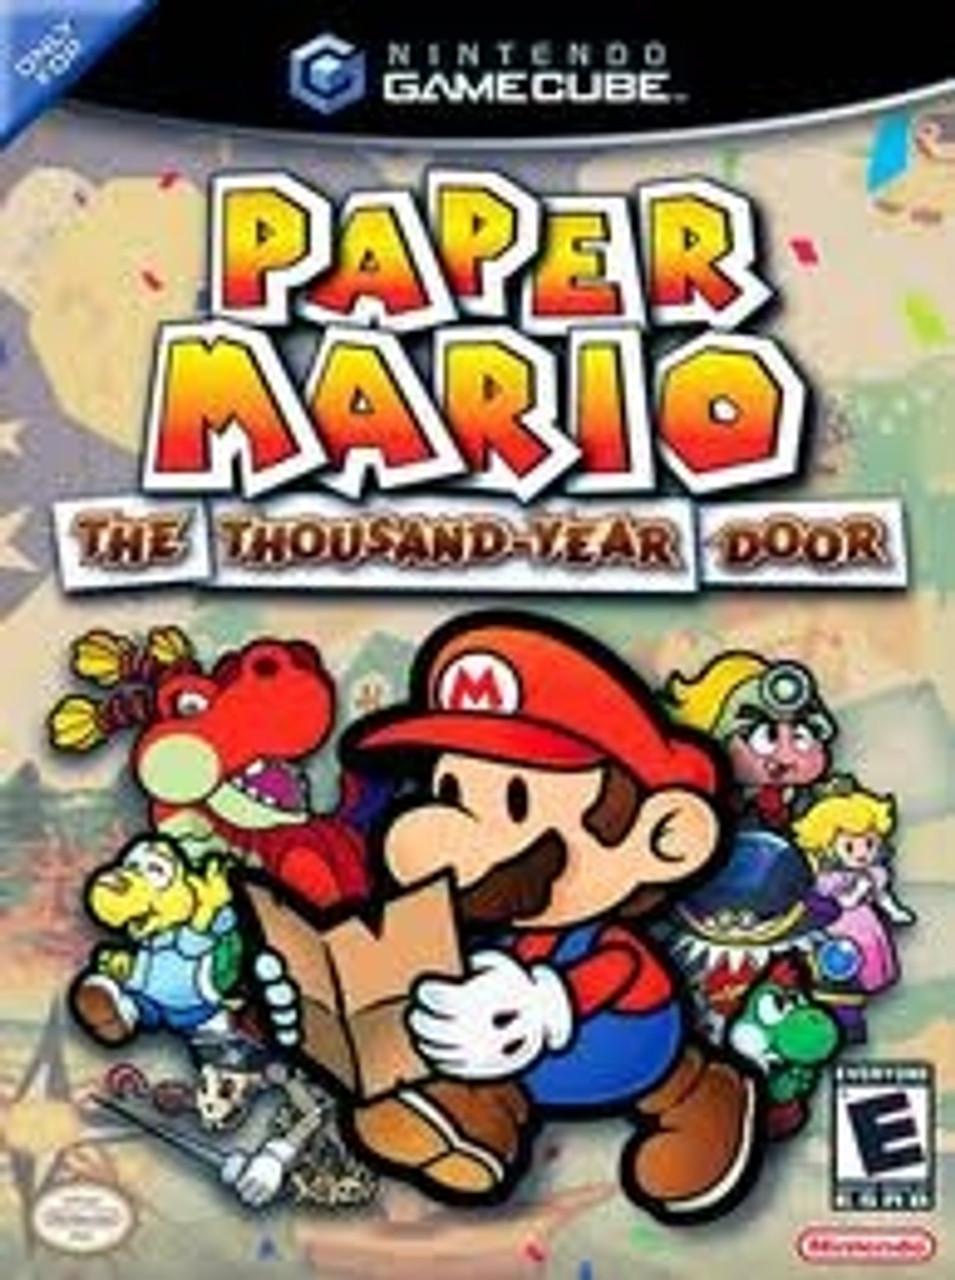 Paper Mario Gamecube Game